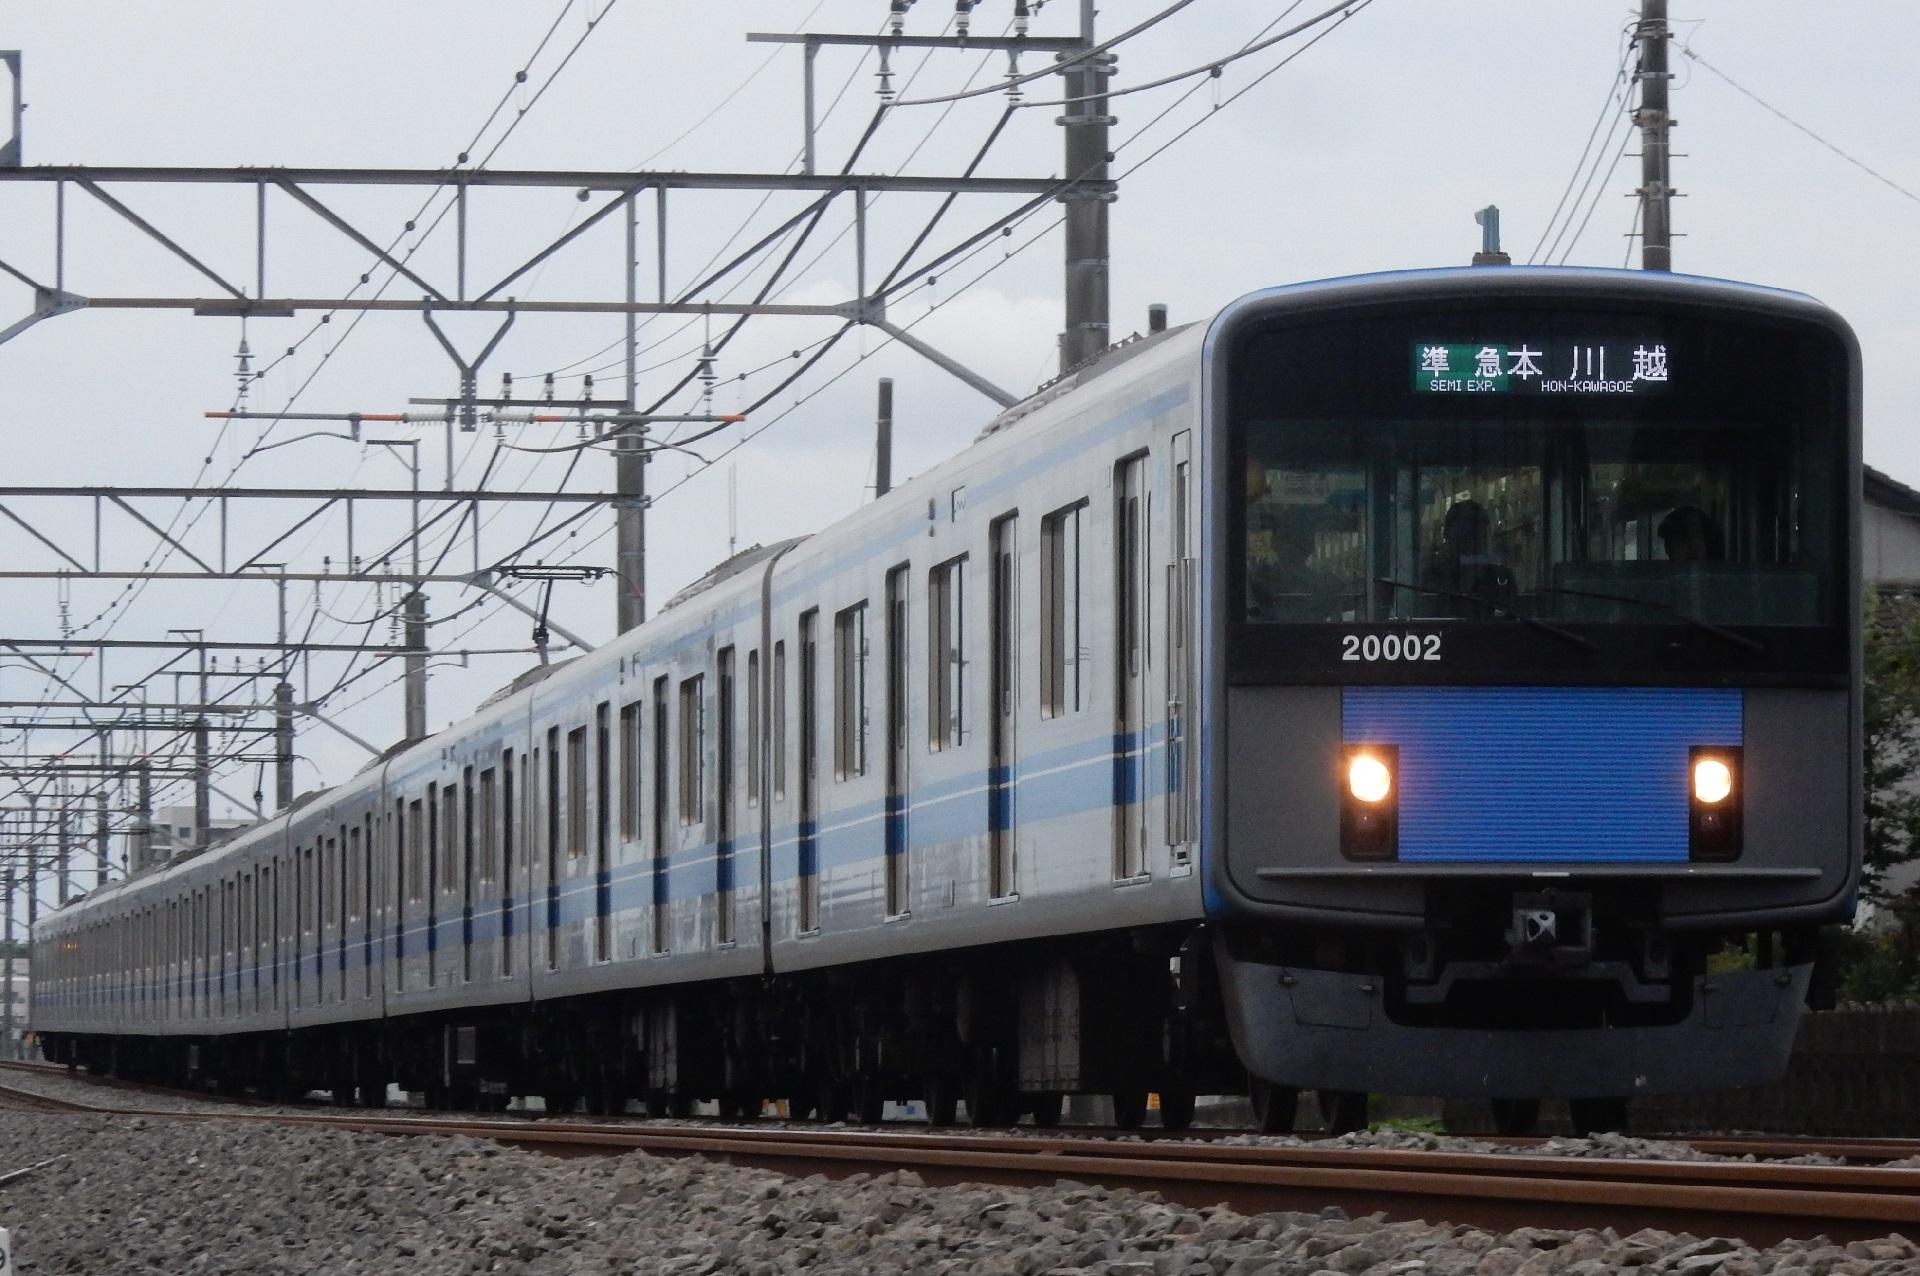 DSCN4585 - コピー